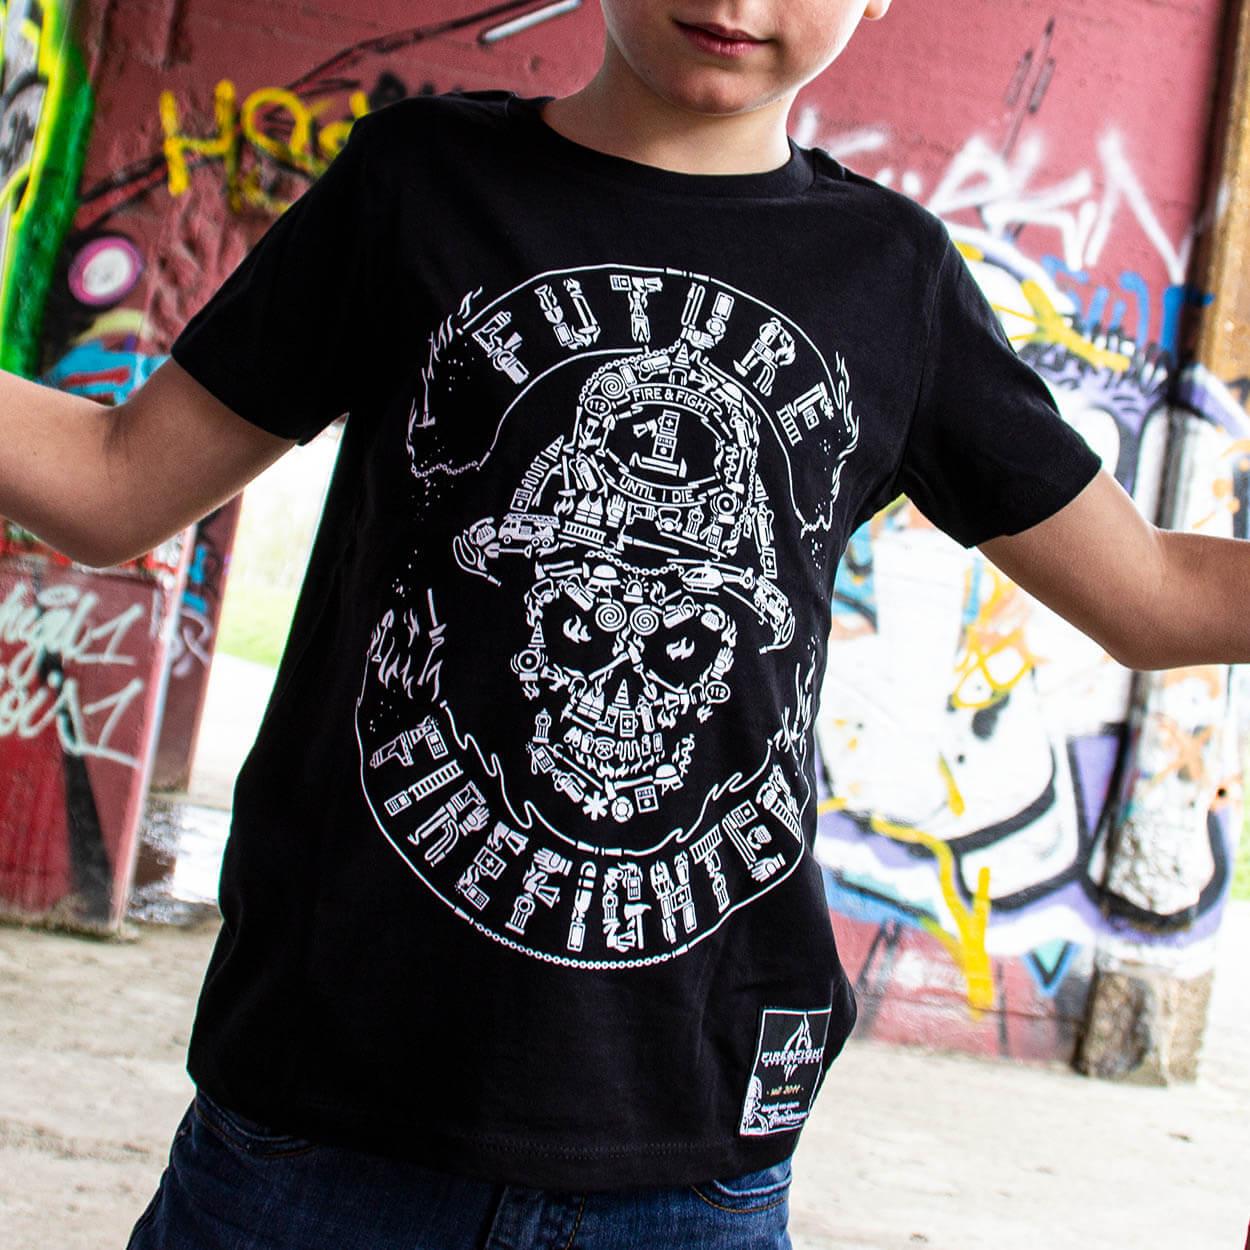 Future Firefighter - Kids T-Shirt